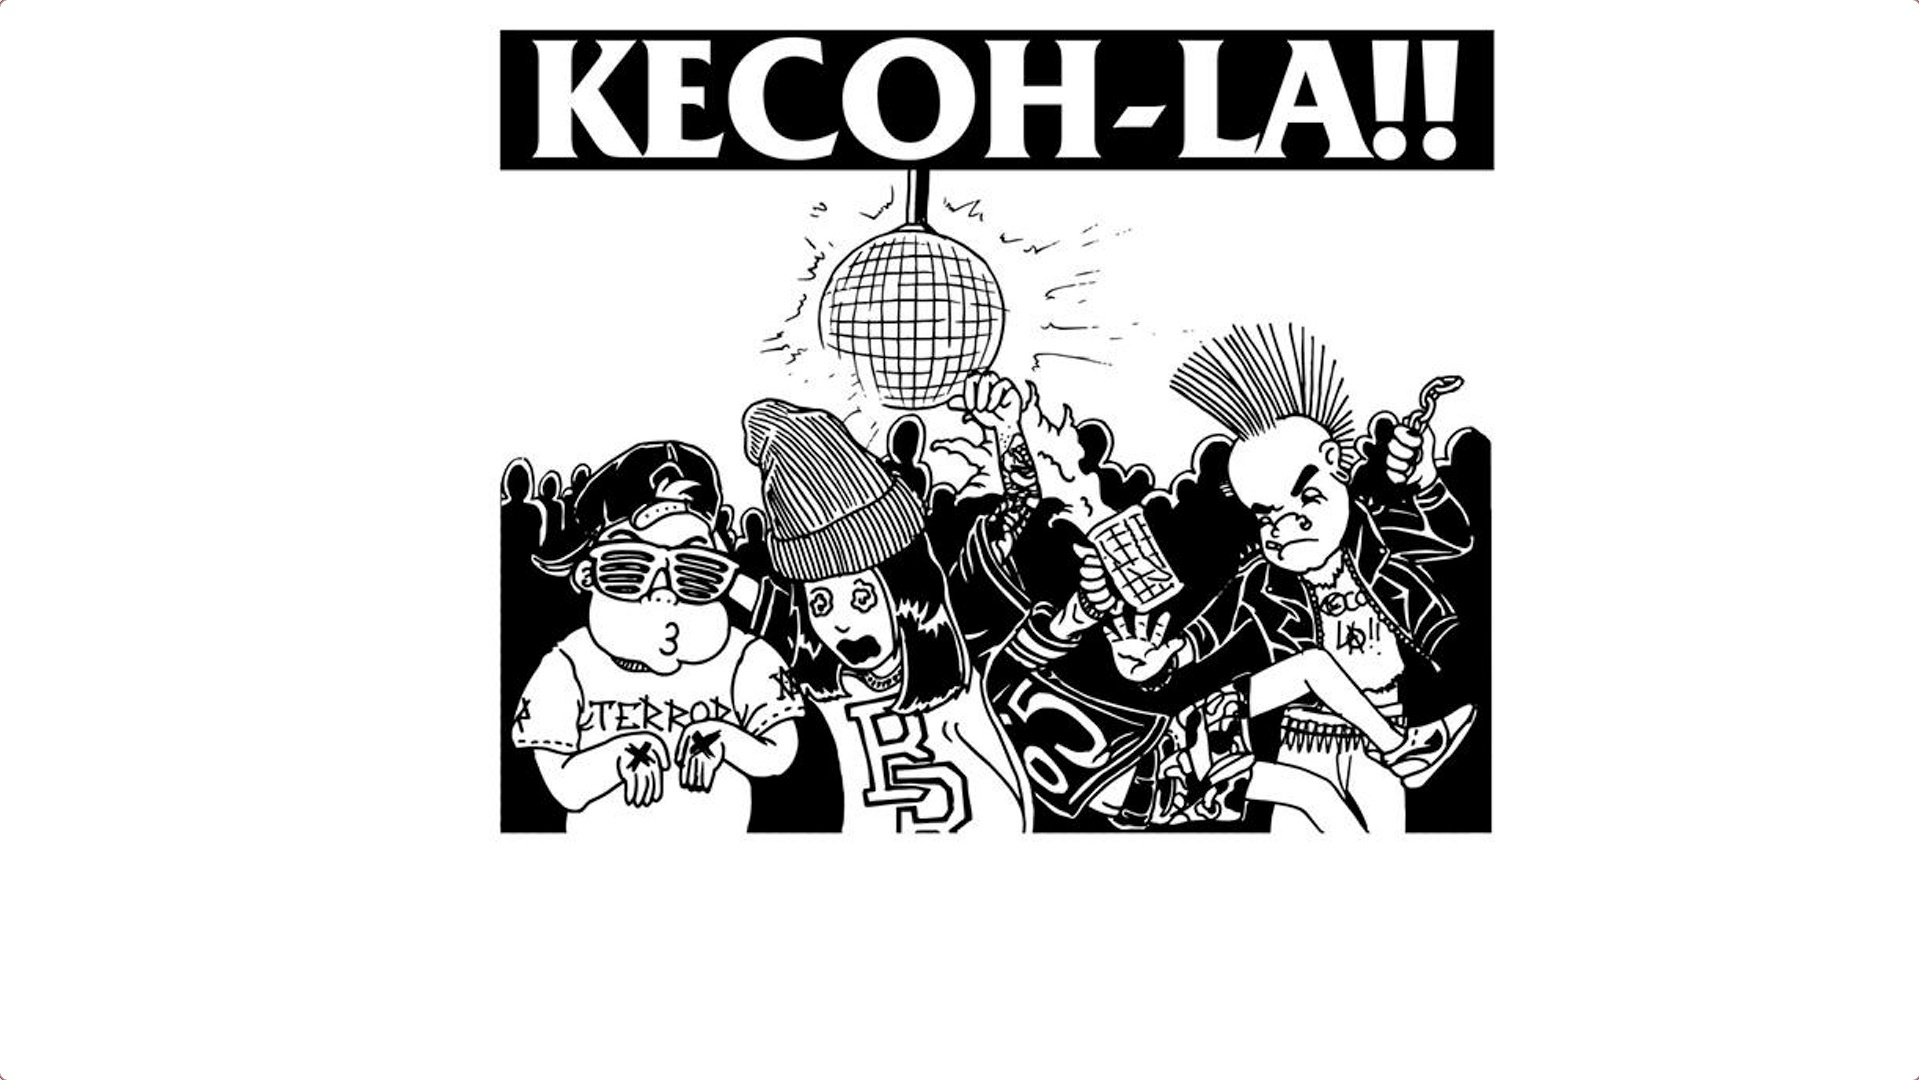 Kecoh-La!!